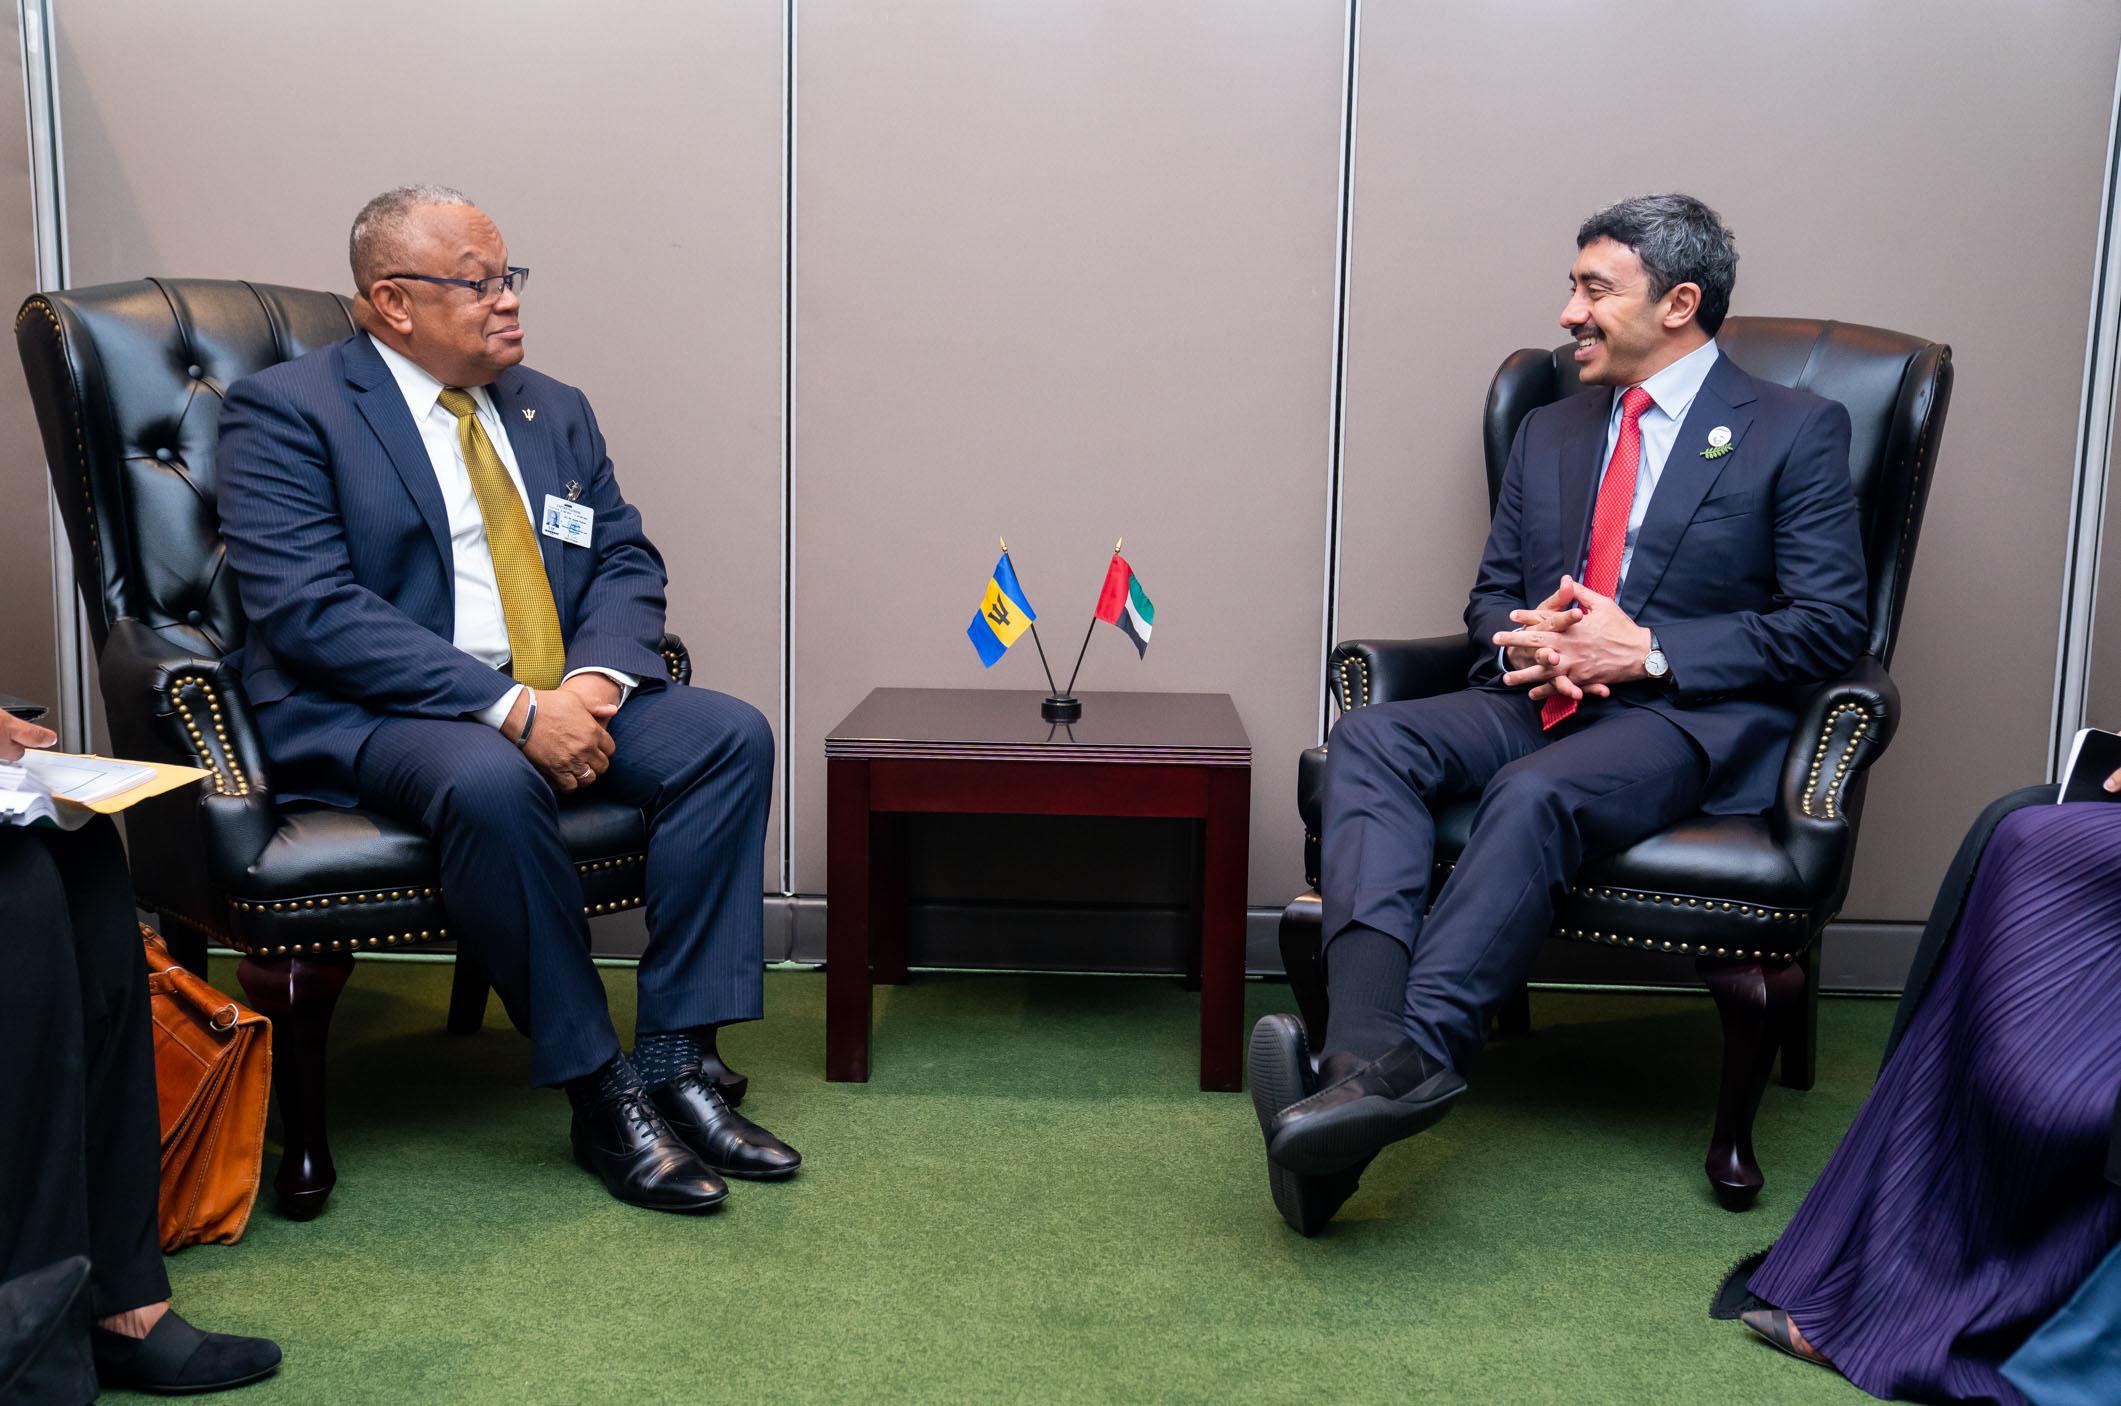 عبدالله بن زايد يلتقي عددا من وزراء الخارجية في نيويورك